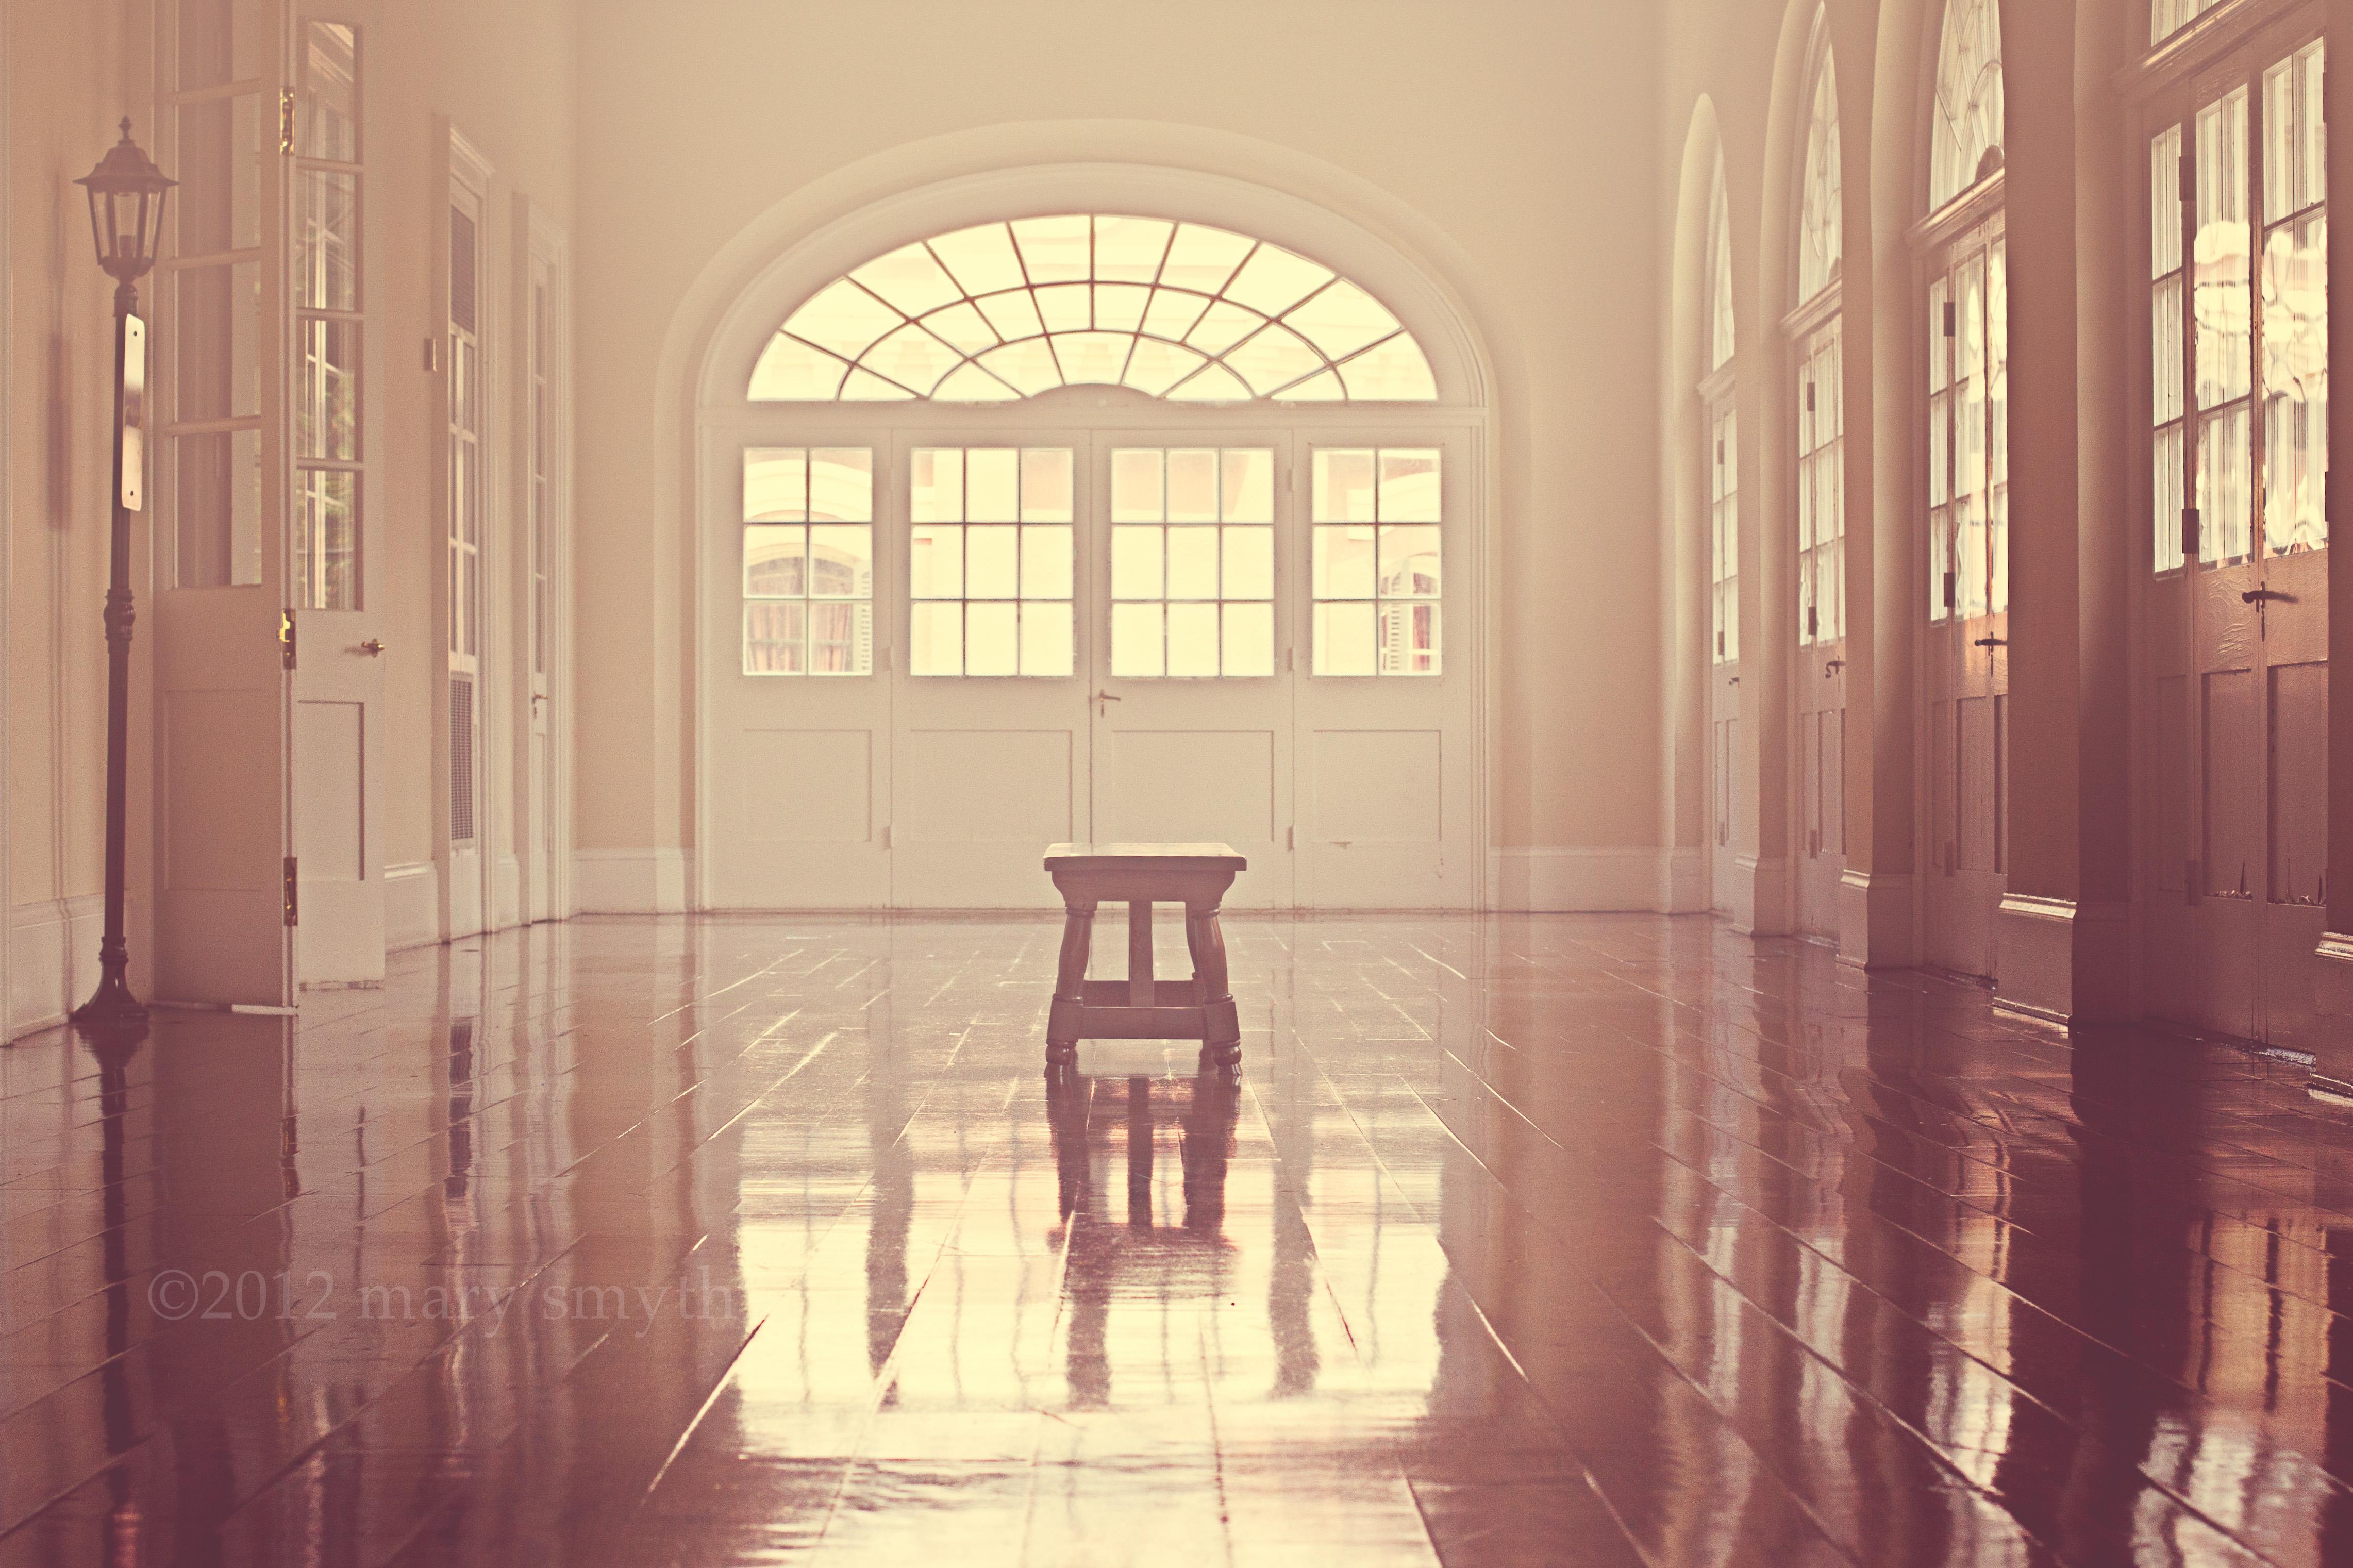 architecte d intrieur orlans intrieur de la cathdrale. Black Bedroom Furniture Sets. Home Design Ideas